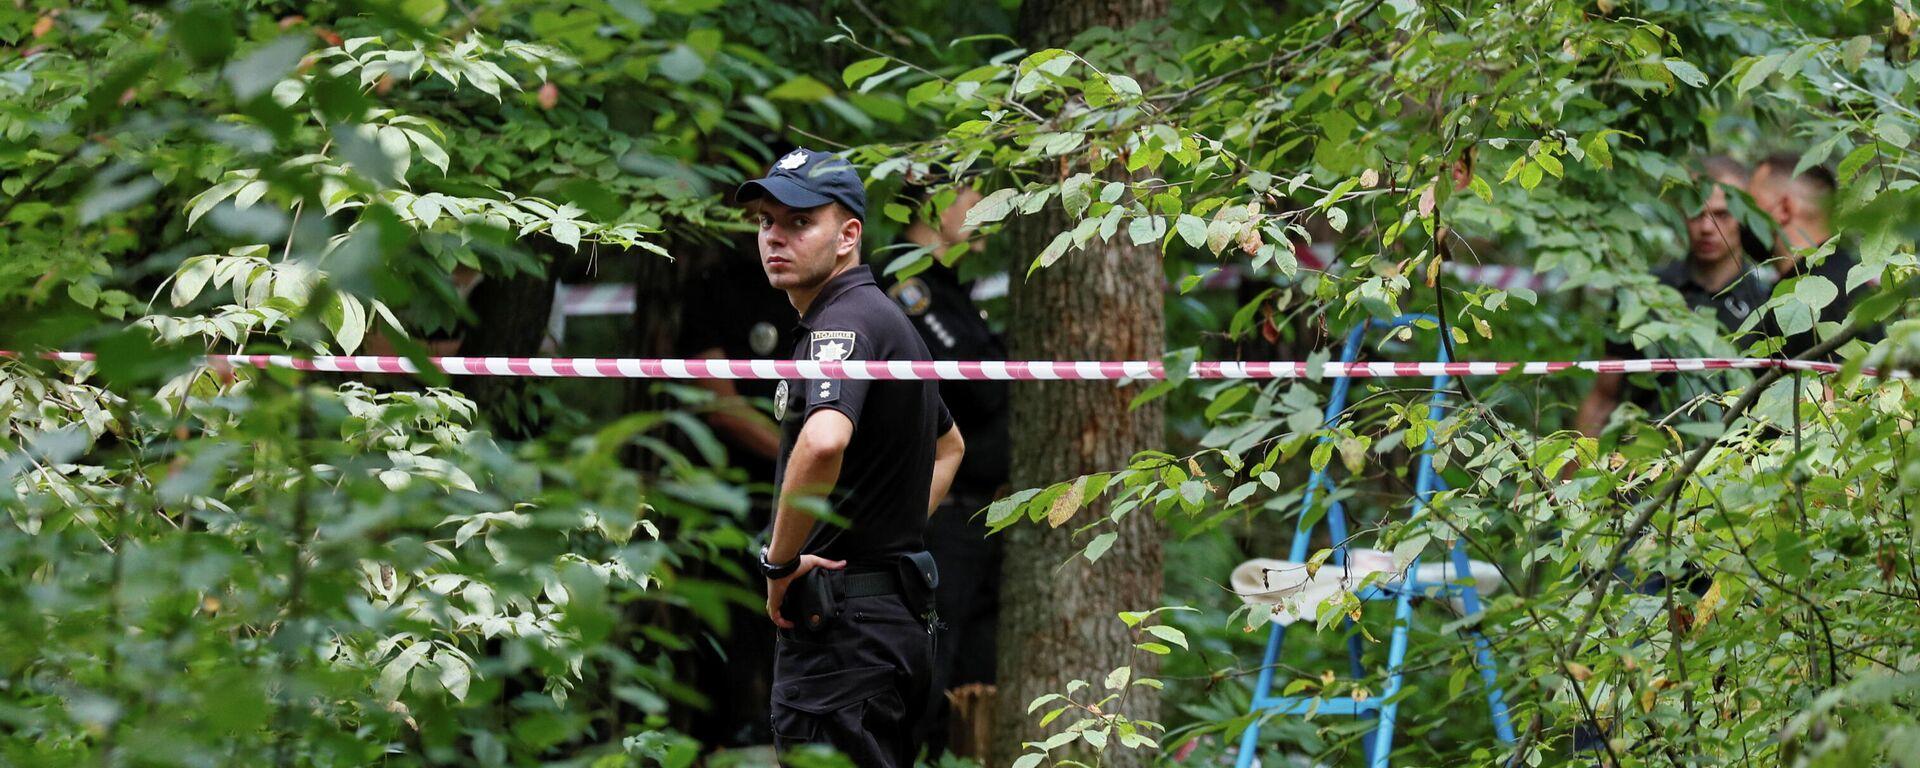 Сотрудники полиции осматривают место, где 3 августа был найден мертвым Виталий Шишов  - Sputnik Латвия, 1920, 04.08.2021